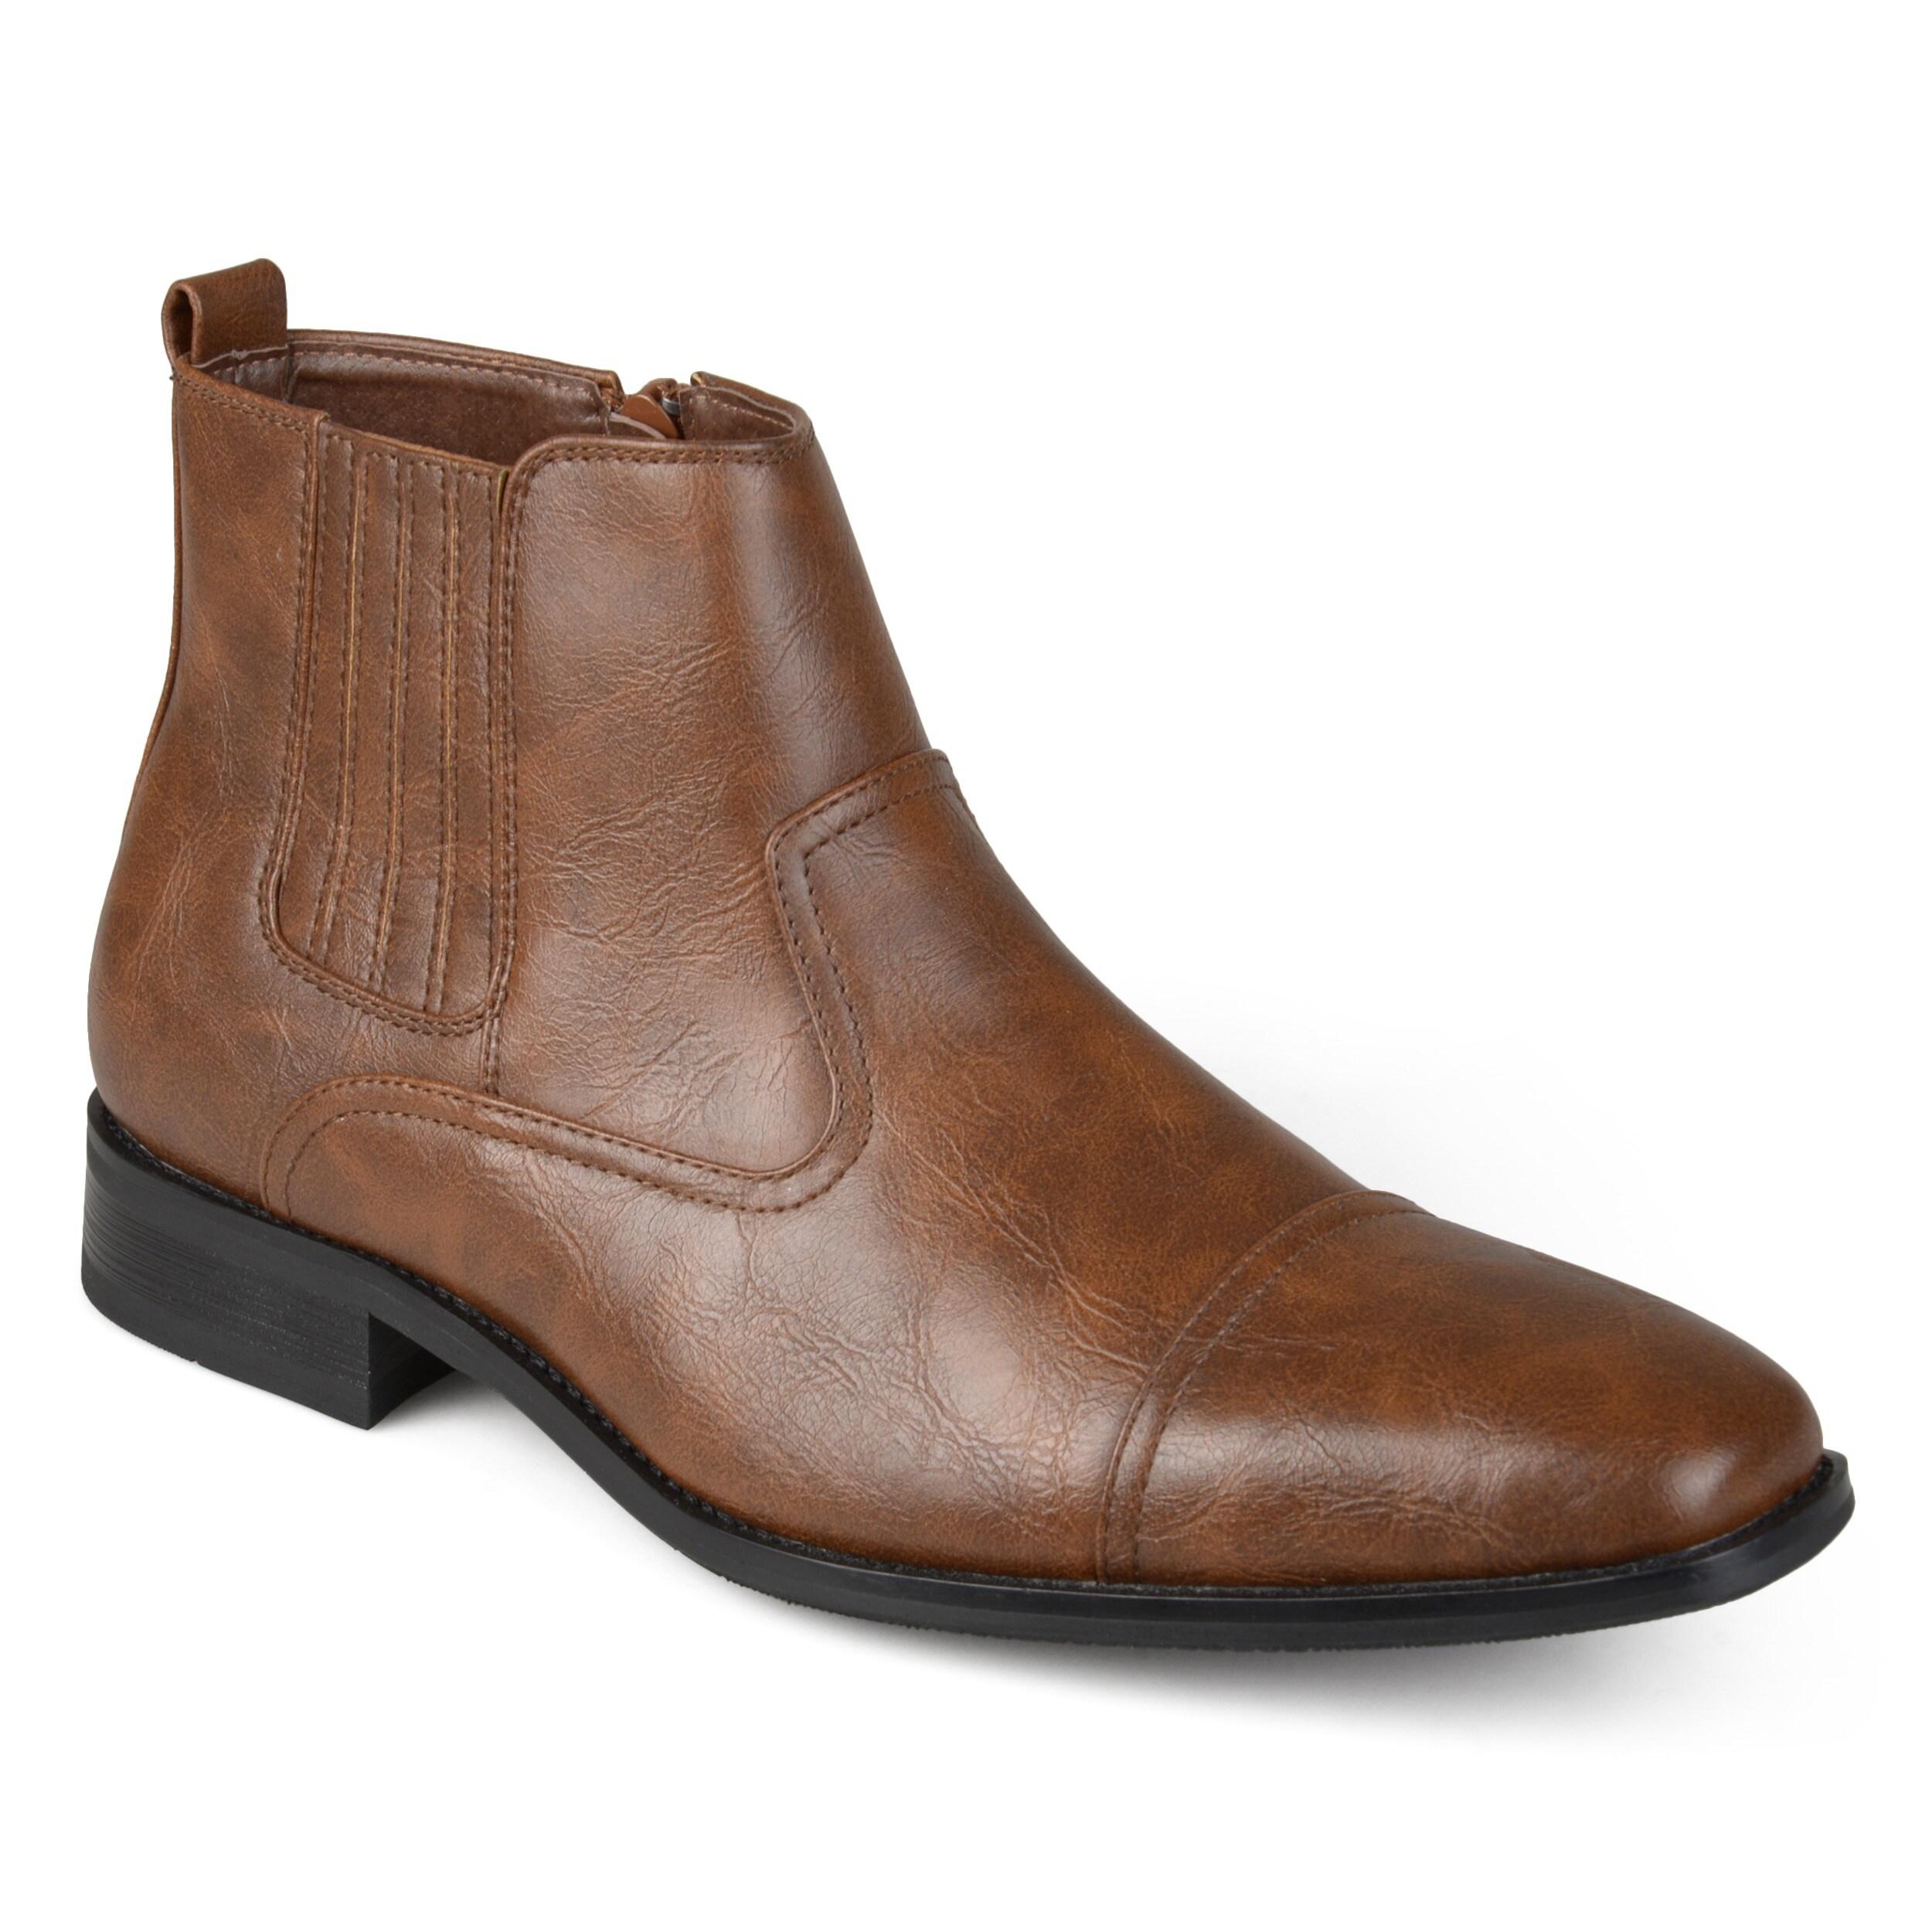 e110c9ee91f Vance Co. Men's Faux Leather Cap Toe Dress Boots